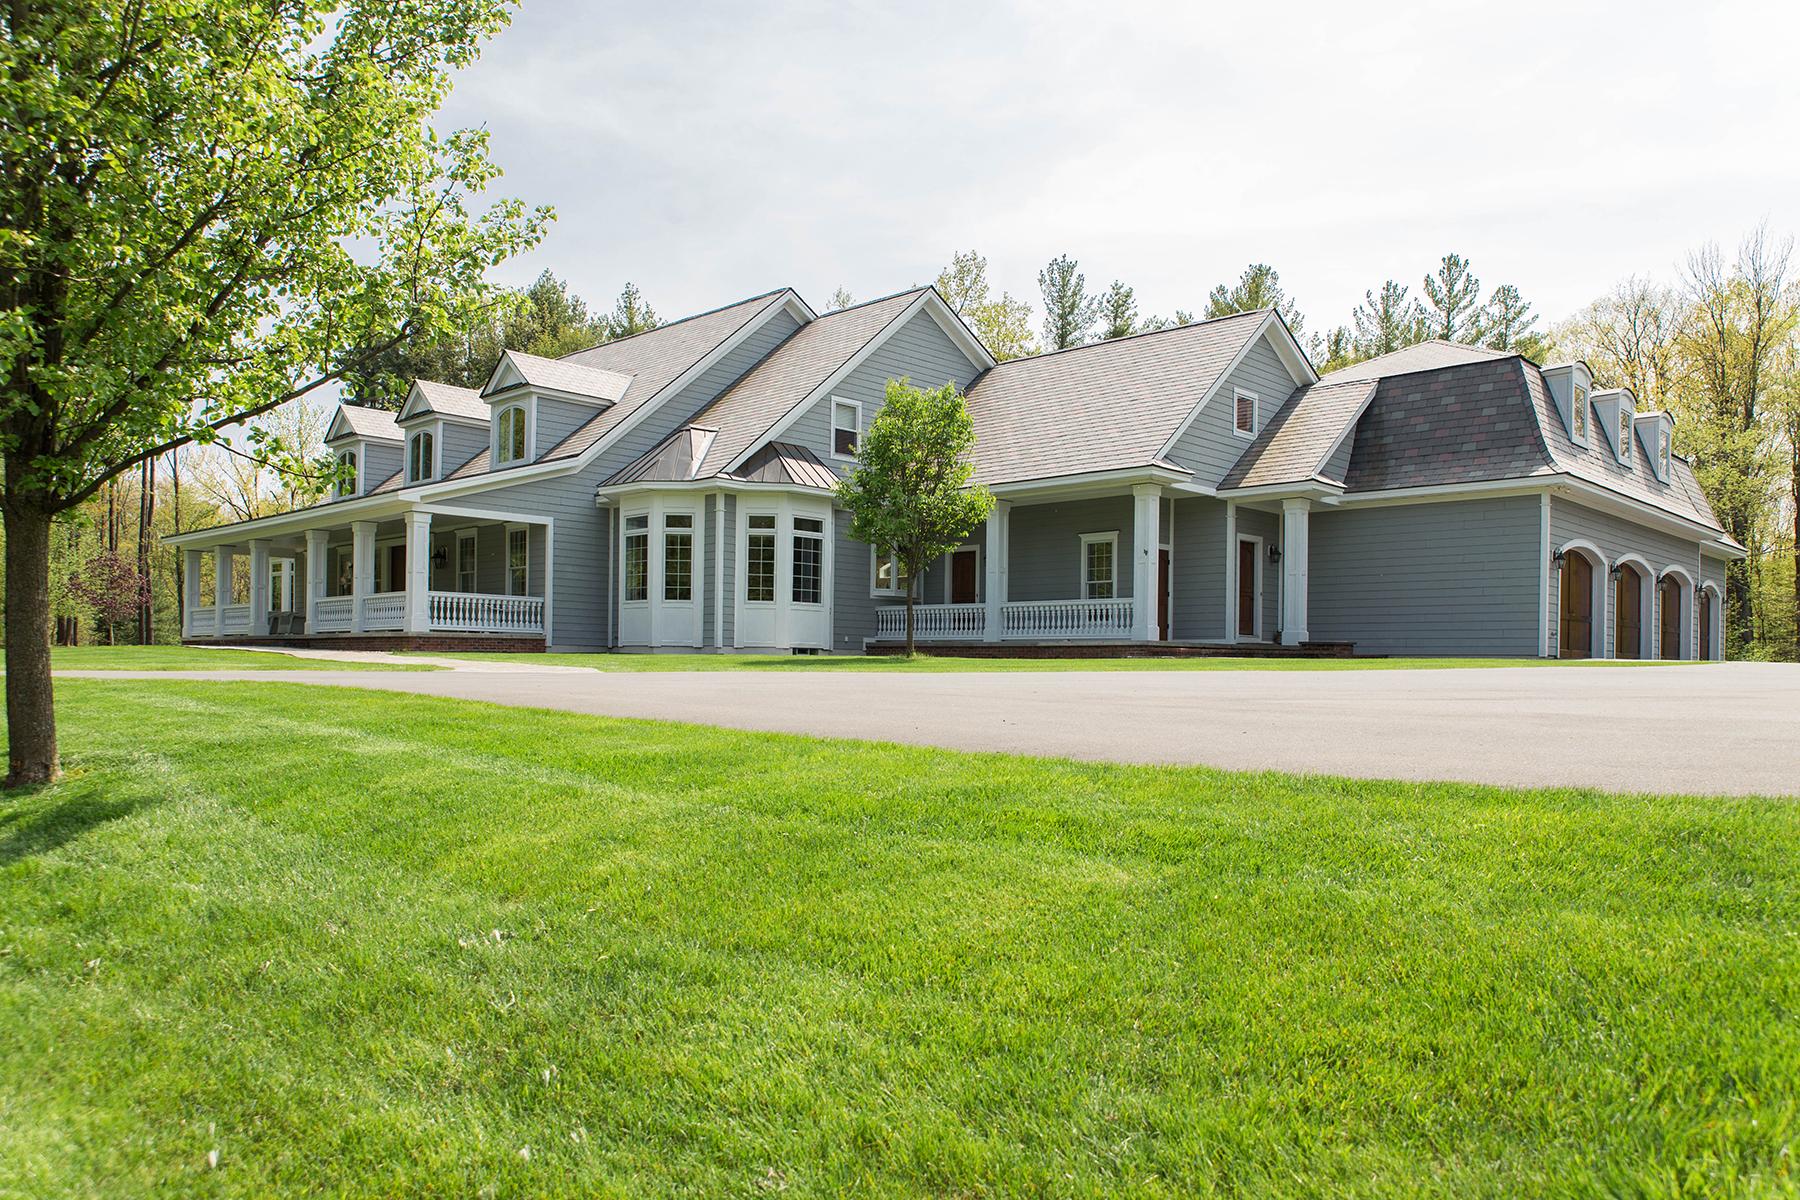 Single Family Home for Sale at Slingerlands Estate 47 Talon Dr Slingerlands, New York 12159 United States